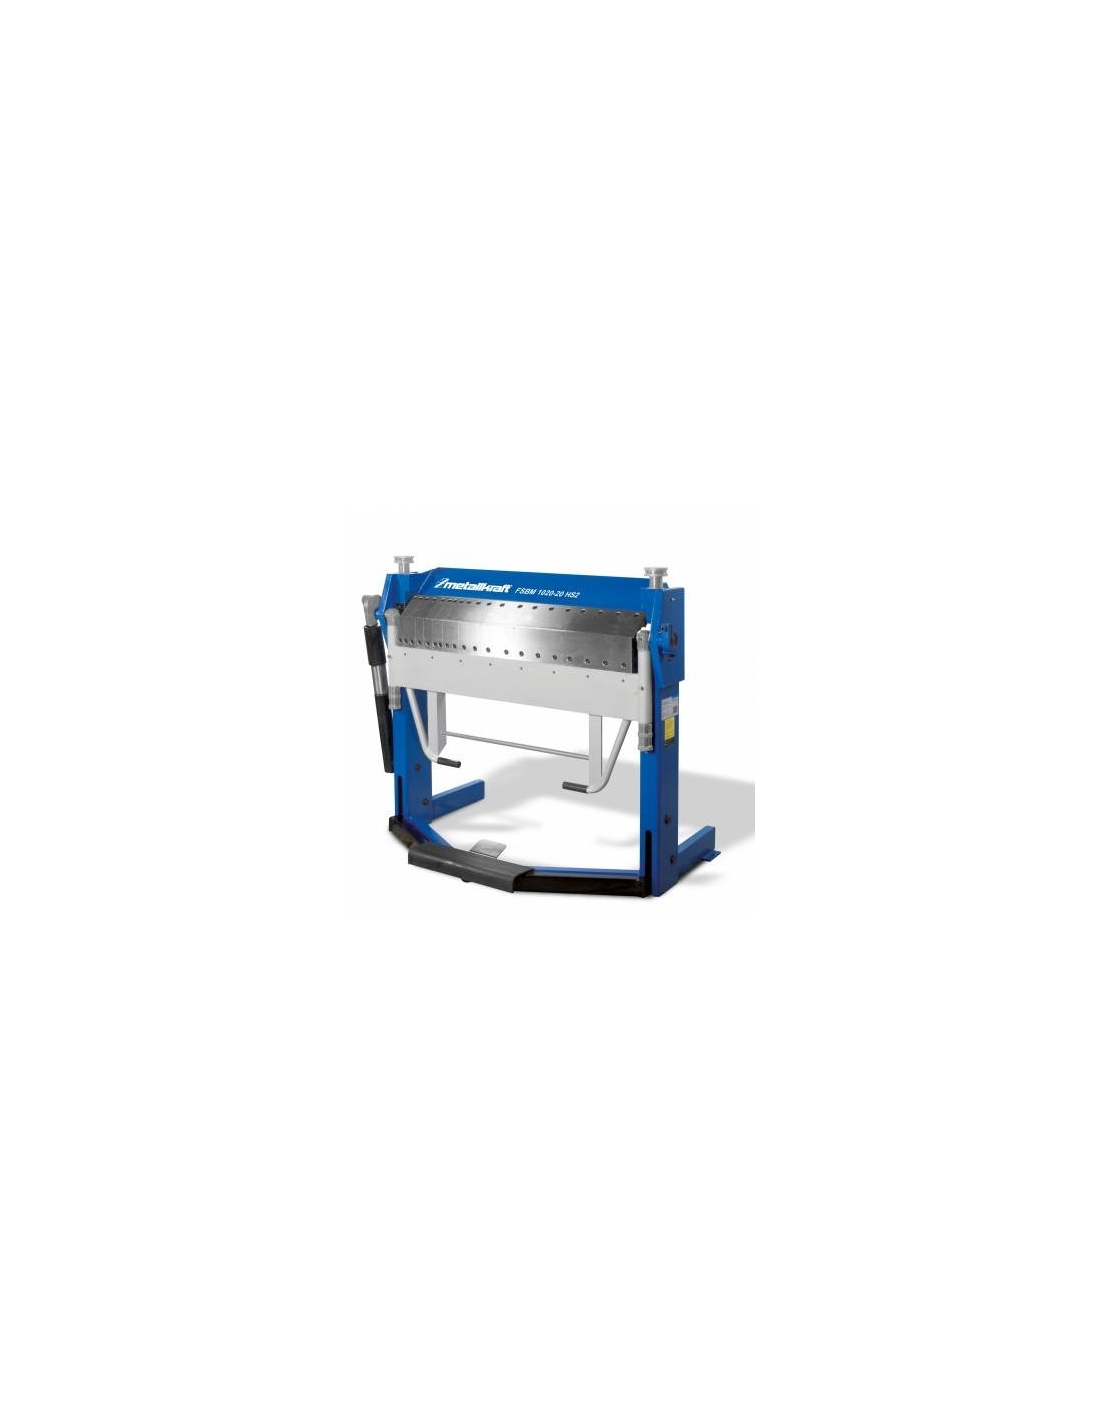 Abkant manual cu falca superioara si inferioara segmentate Metallkraft FSBM 1270-20HS2